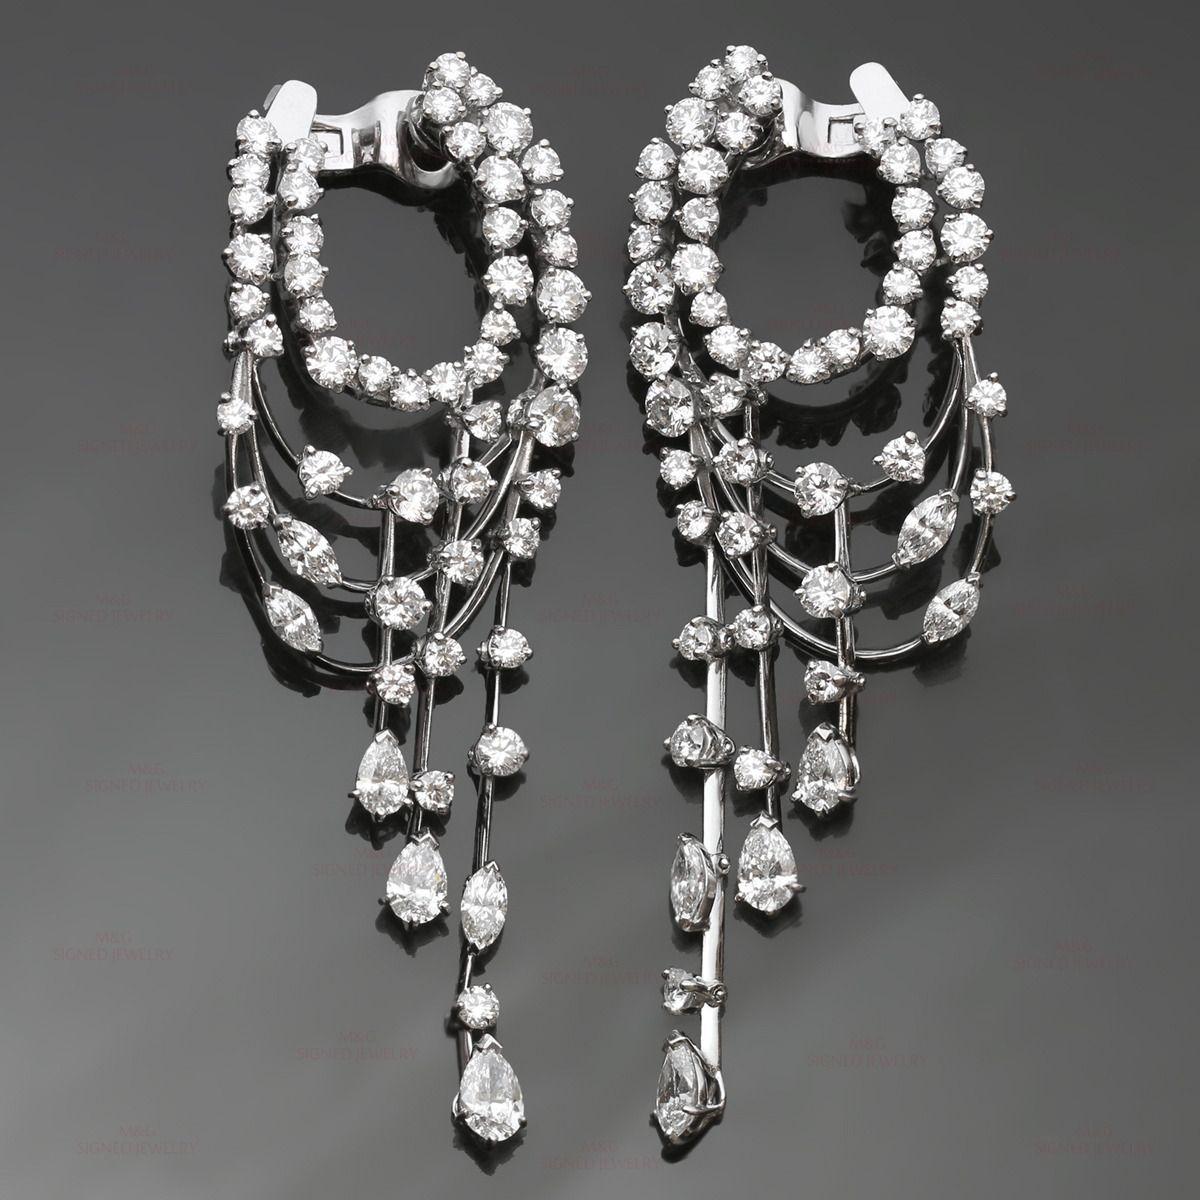 Van cleef arpels diamond white gold chandelier earrings gold van cleef arpels diamond white gold chandelier earrings image 2 aloadofball Images